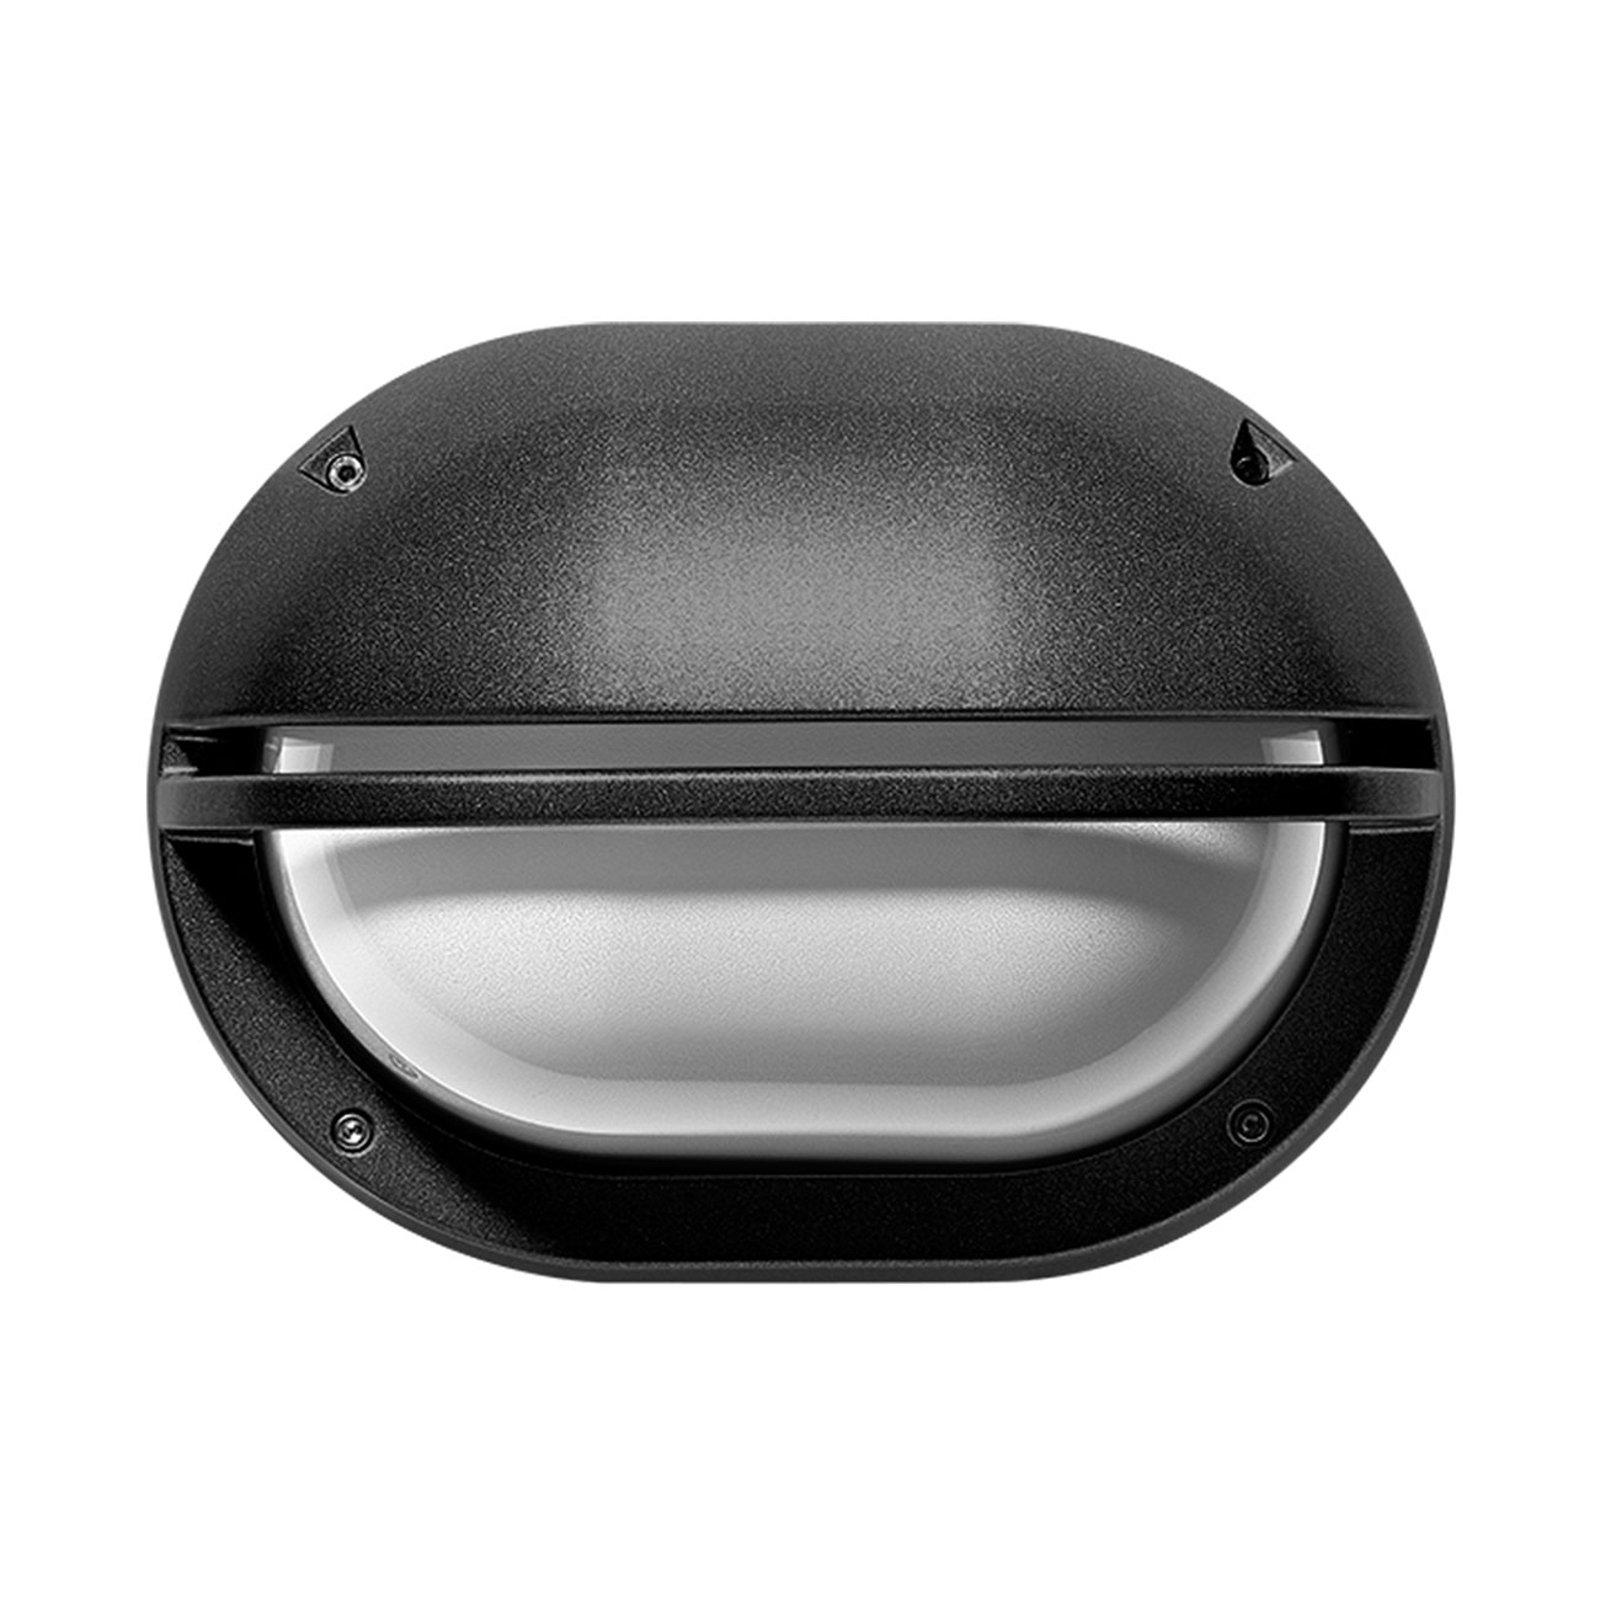 LED-vegglampe Eko+19 Grill antrasitt 3 000 K